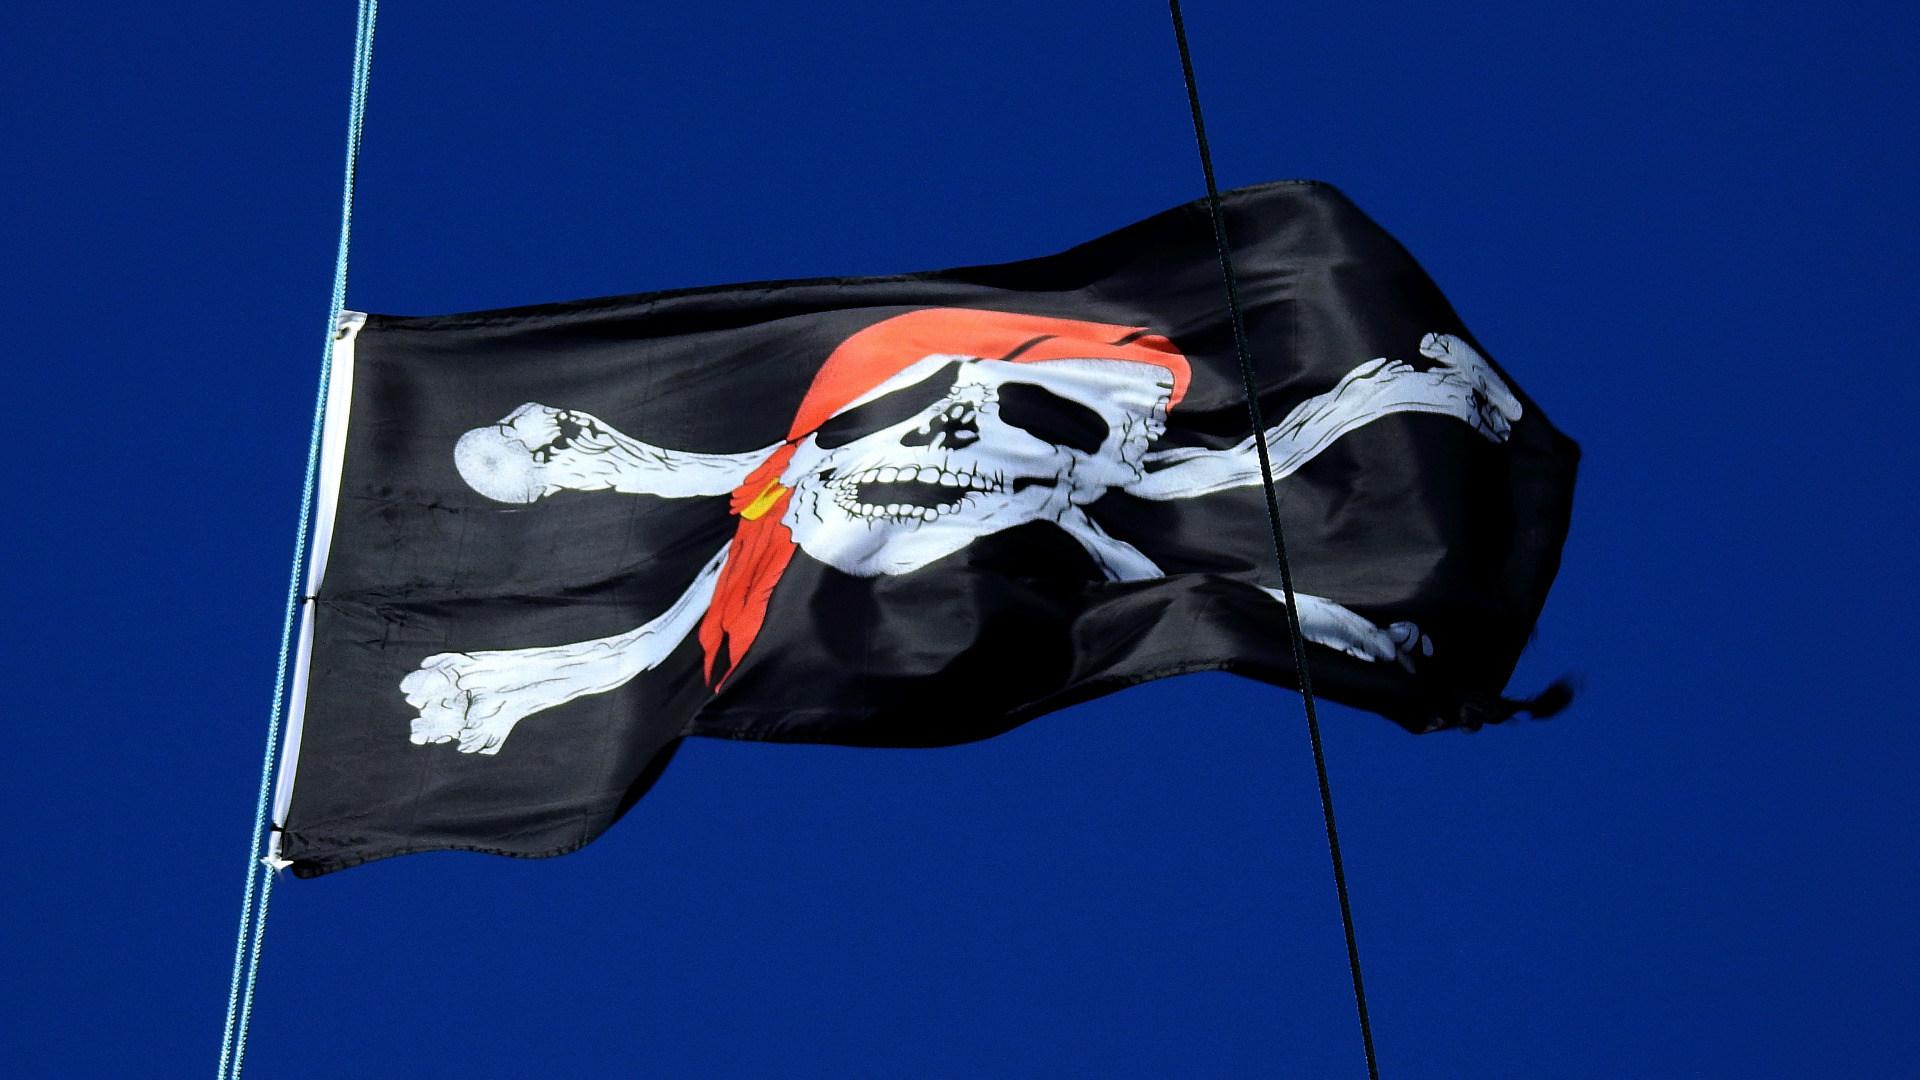 Filesharing, Piraterie, Illegal, Downloads, Piracy, Totenkopf